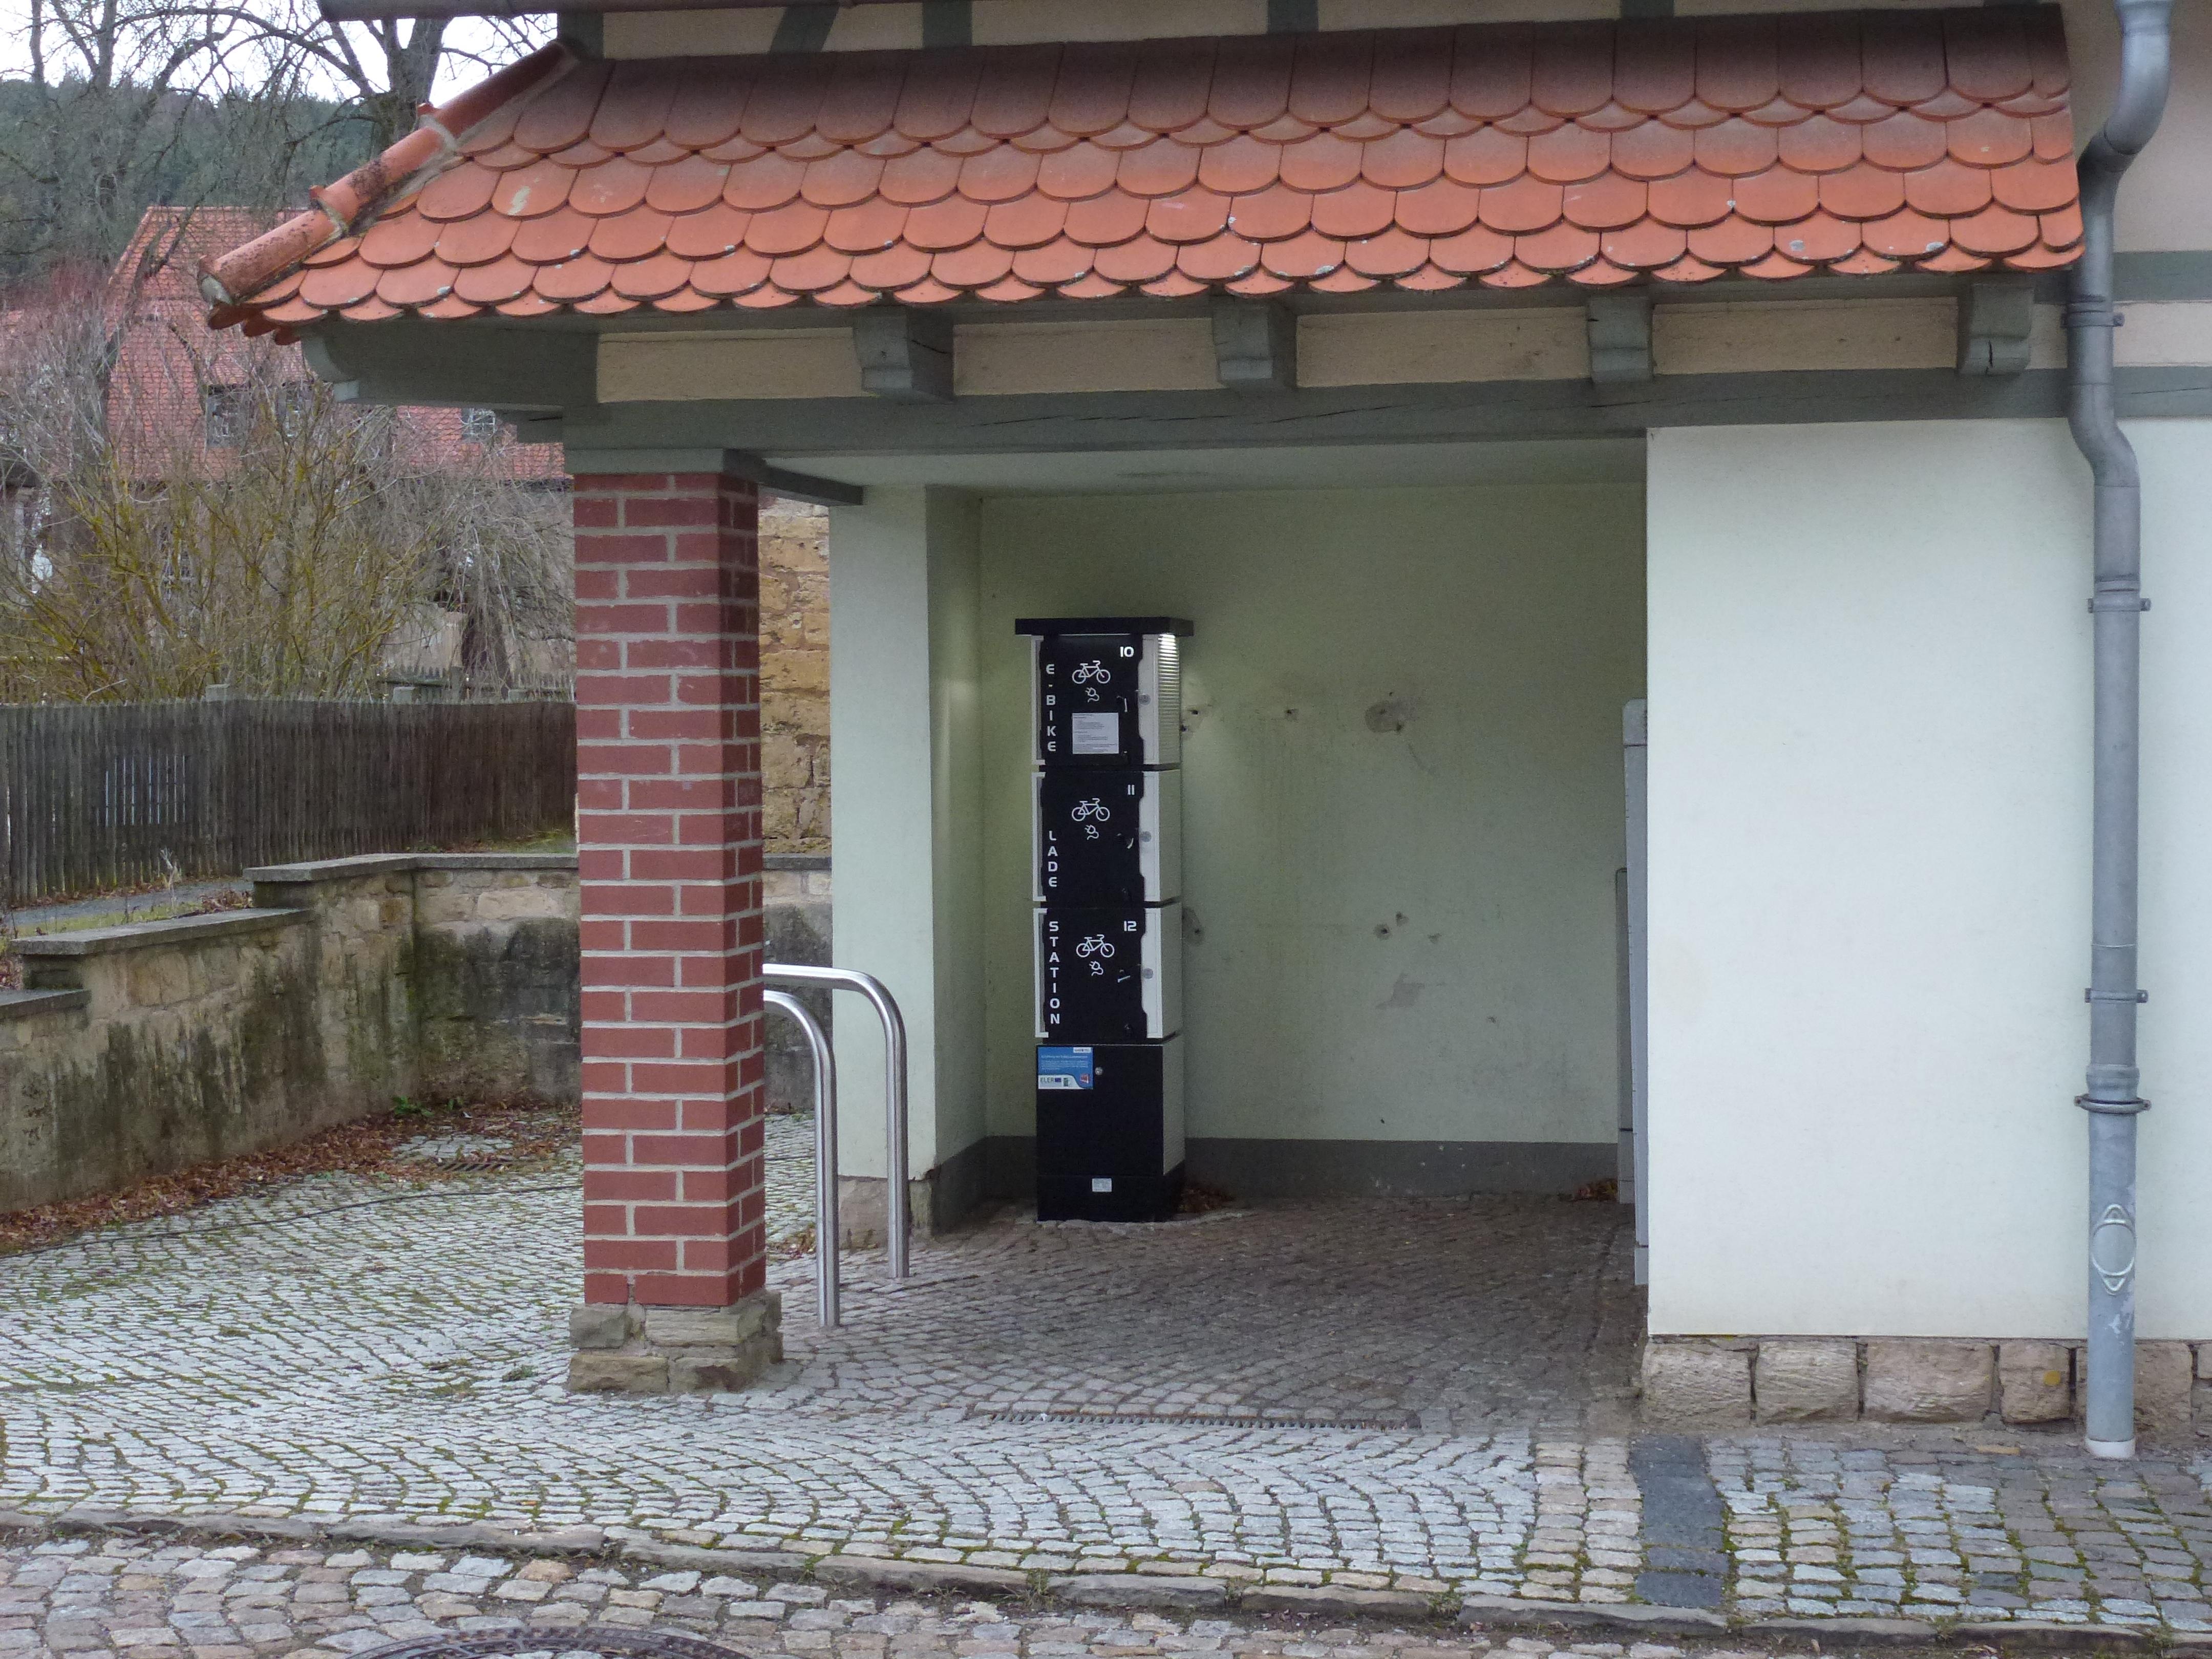 E-Bike-Ladestation (Standort: Tiefengruben, am Vereinshaus) (Stadt Bad Berka)